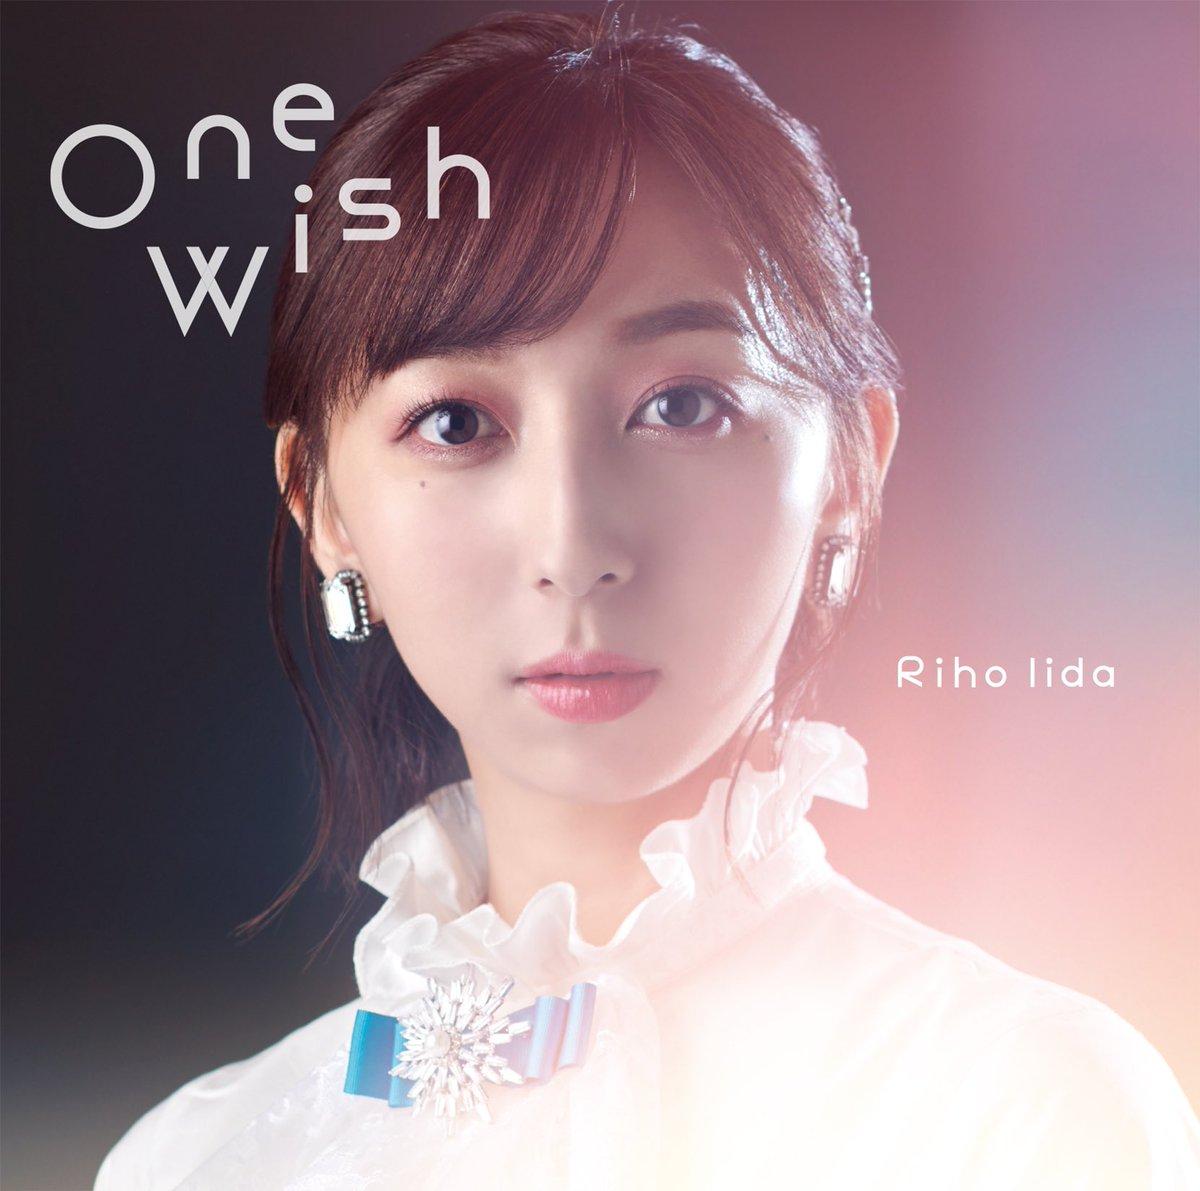 飯田里穂 - One Wish [2021.02.10+MP3+RAR]